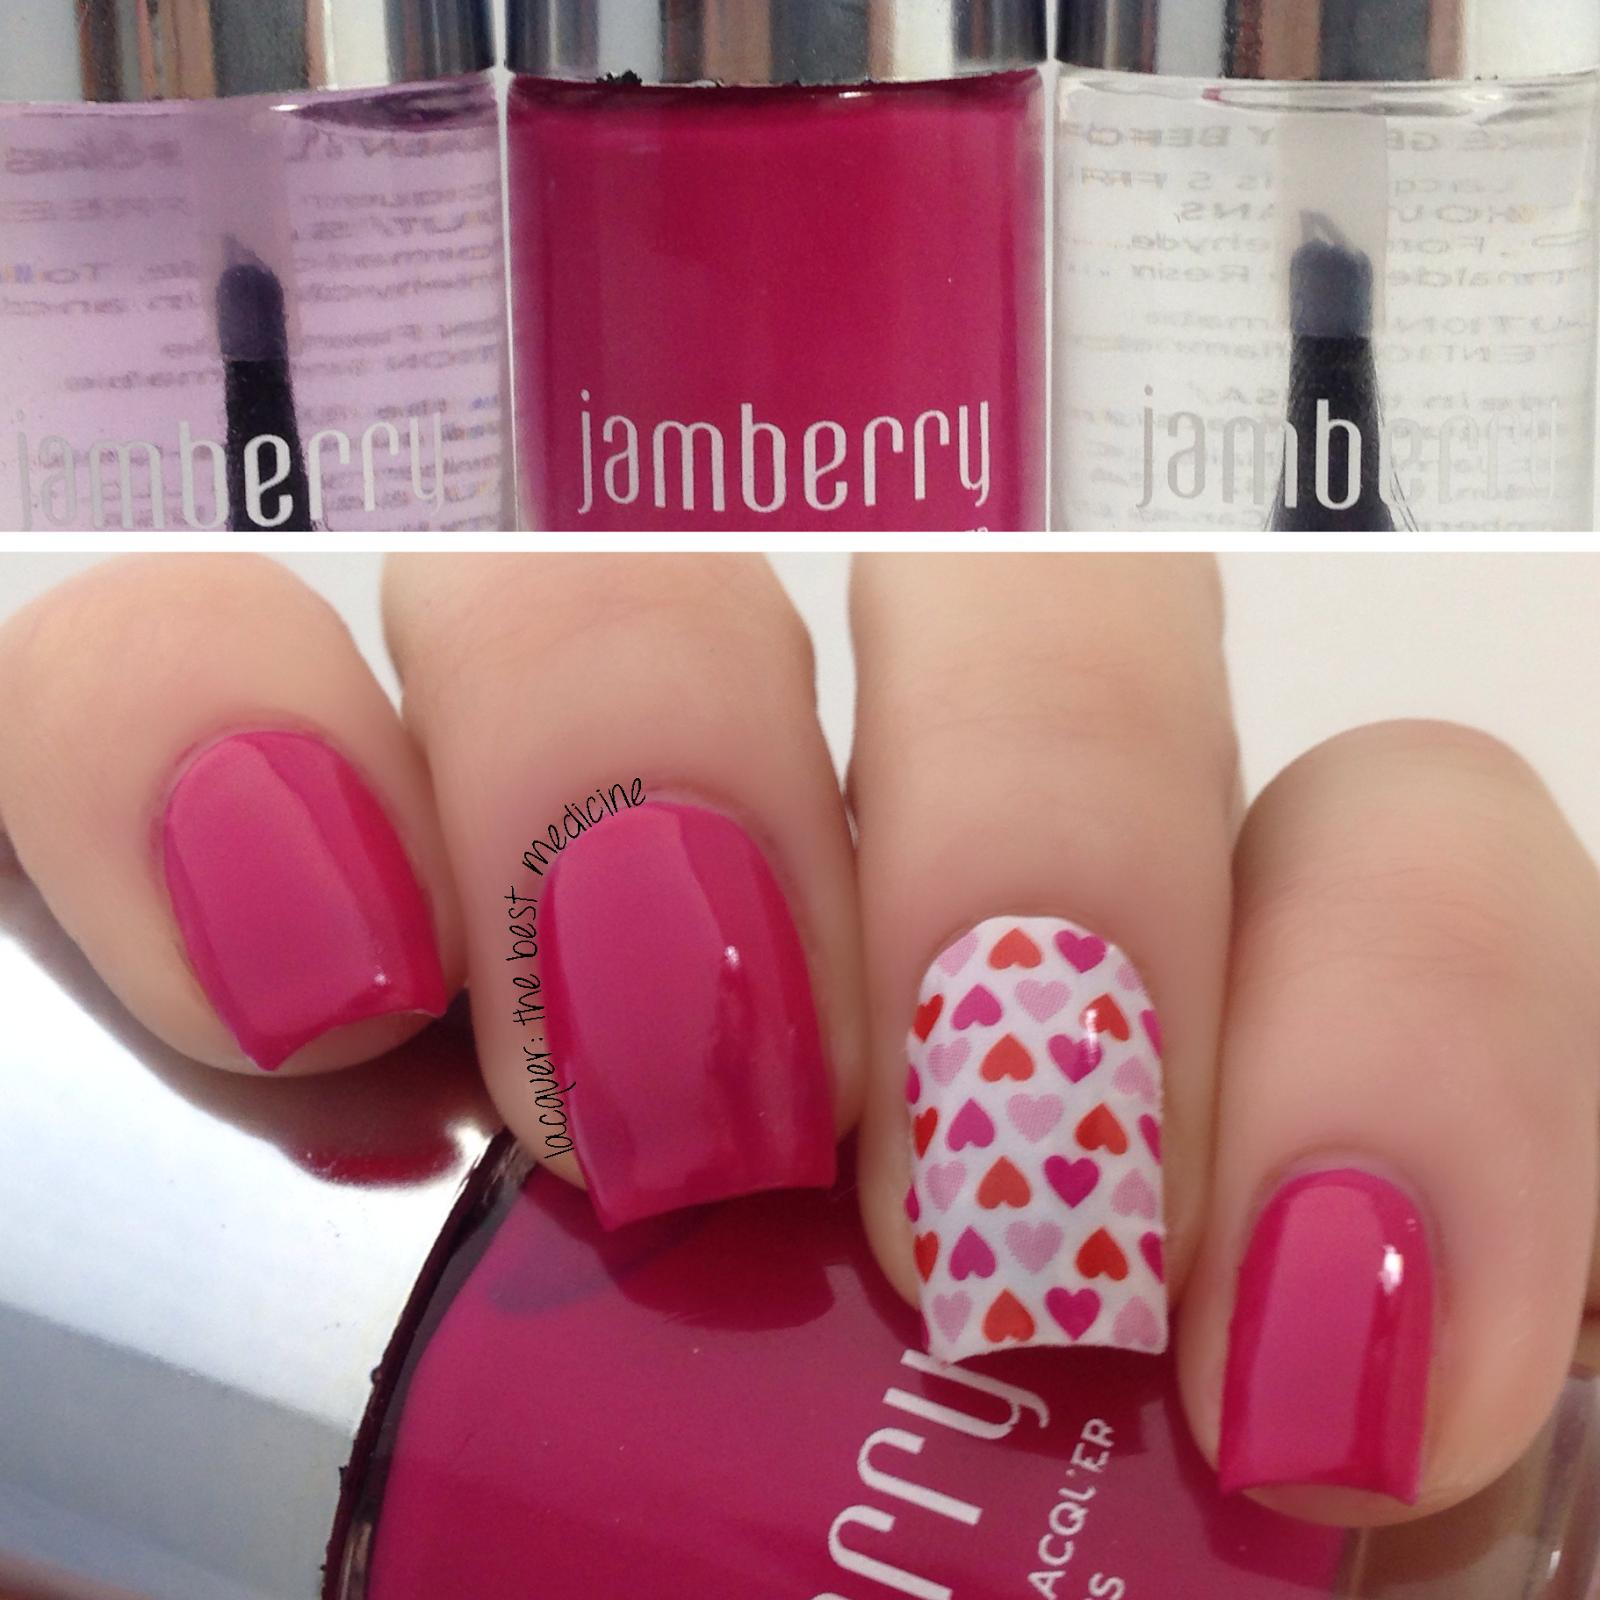 Jamberry Nails | Jamberry nails, Jamberry and Order cheque